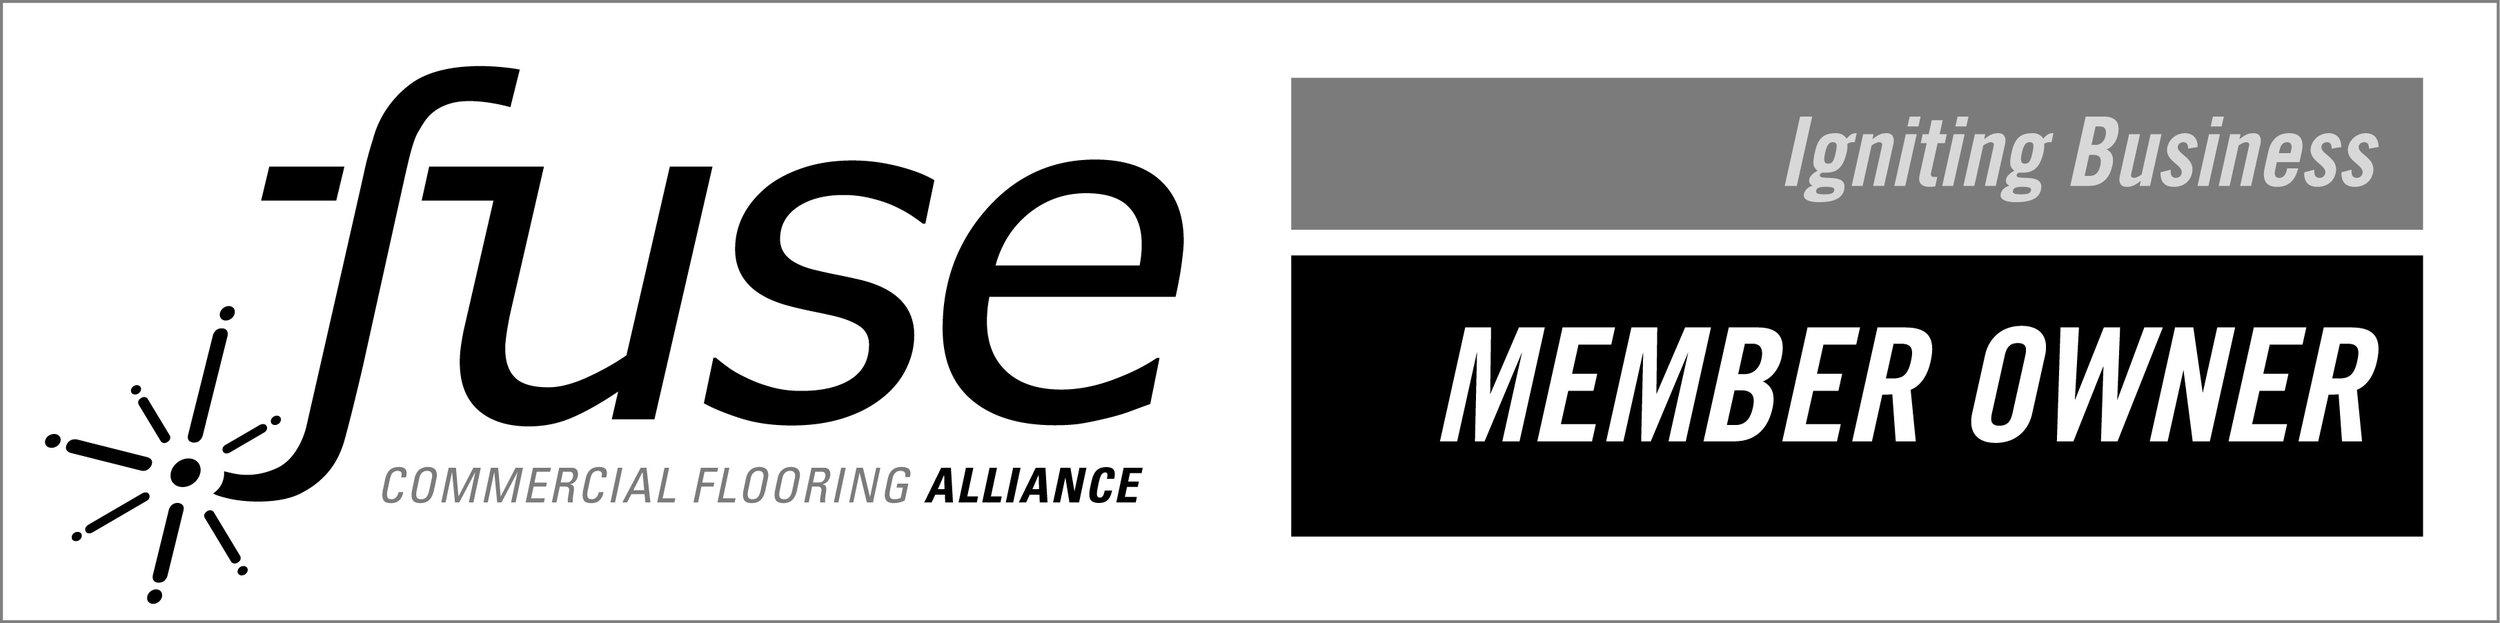 Fuse Member Logo_hz_BW.jpg